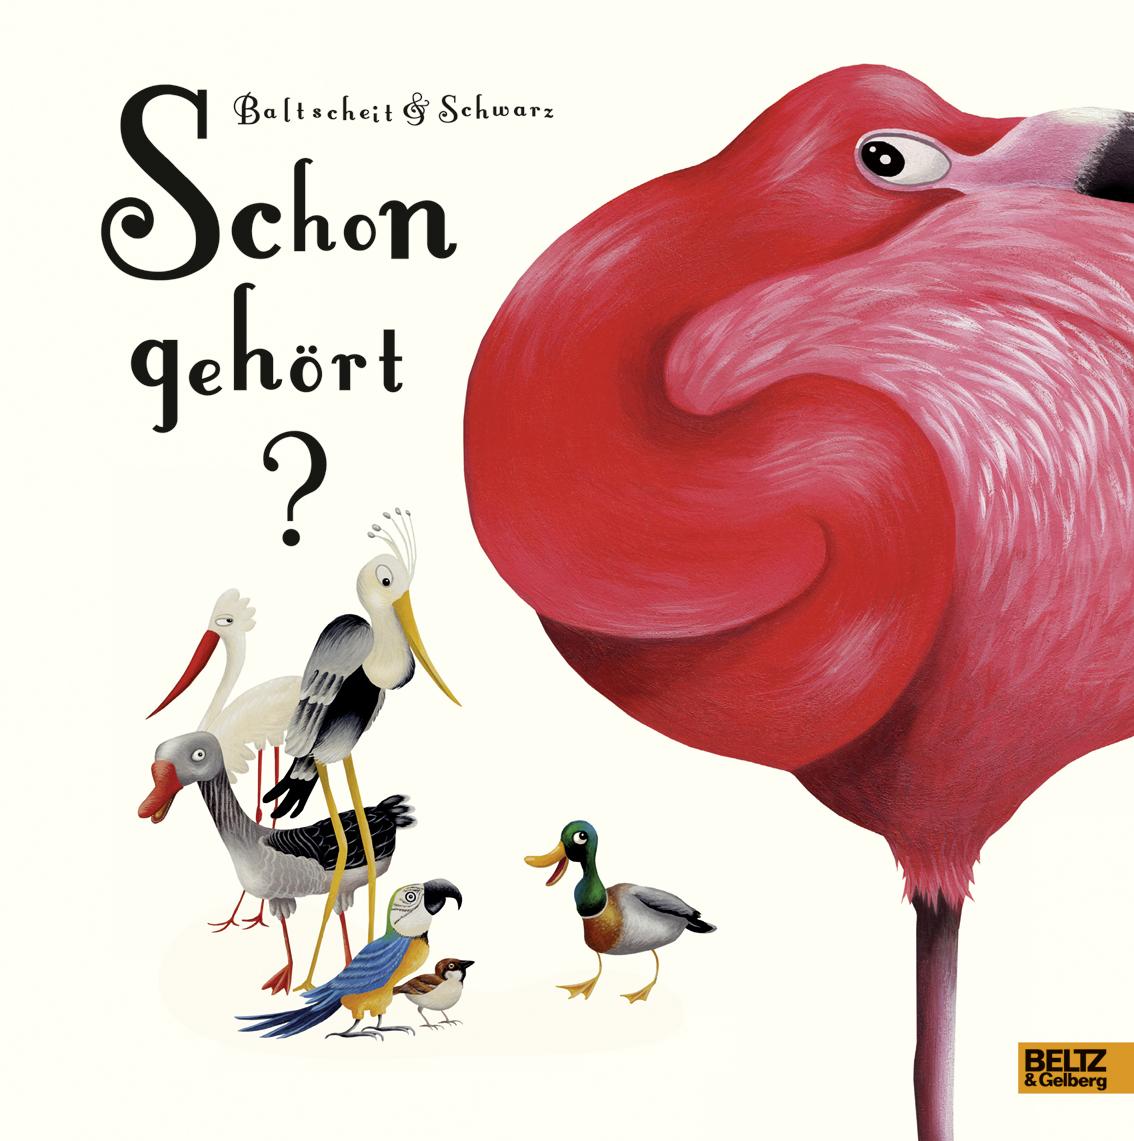 Schon-gehoert-Martin-Baltscheit